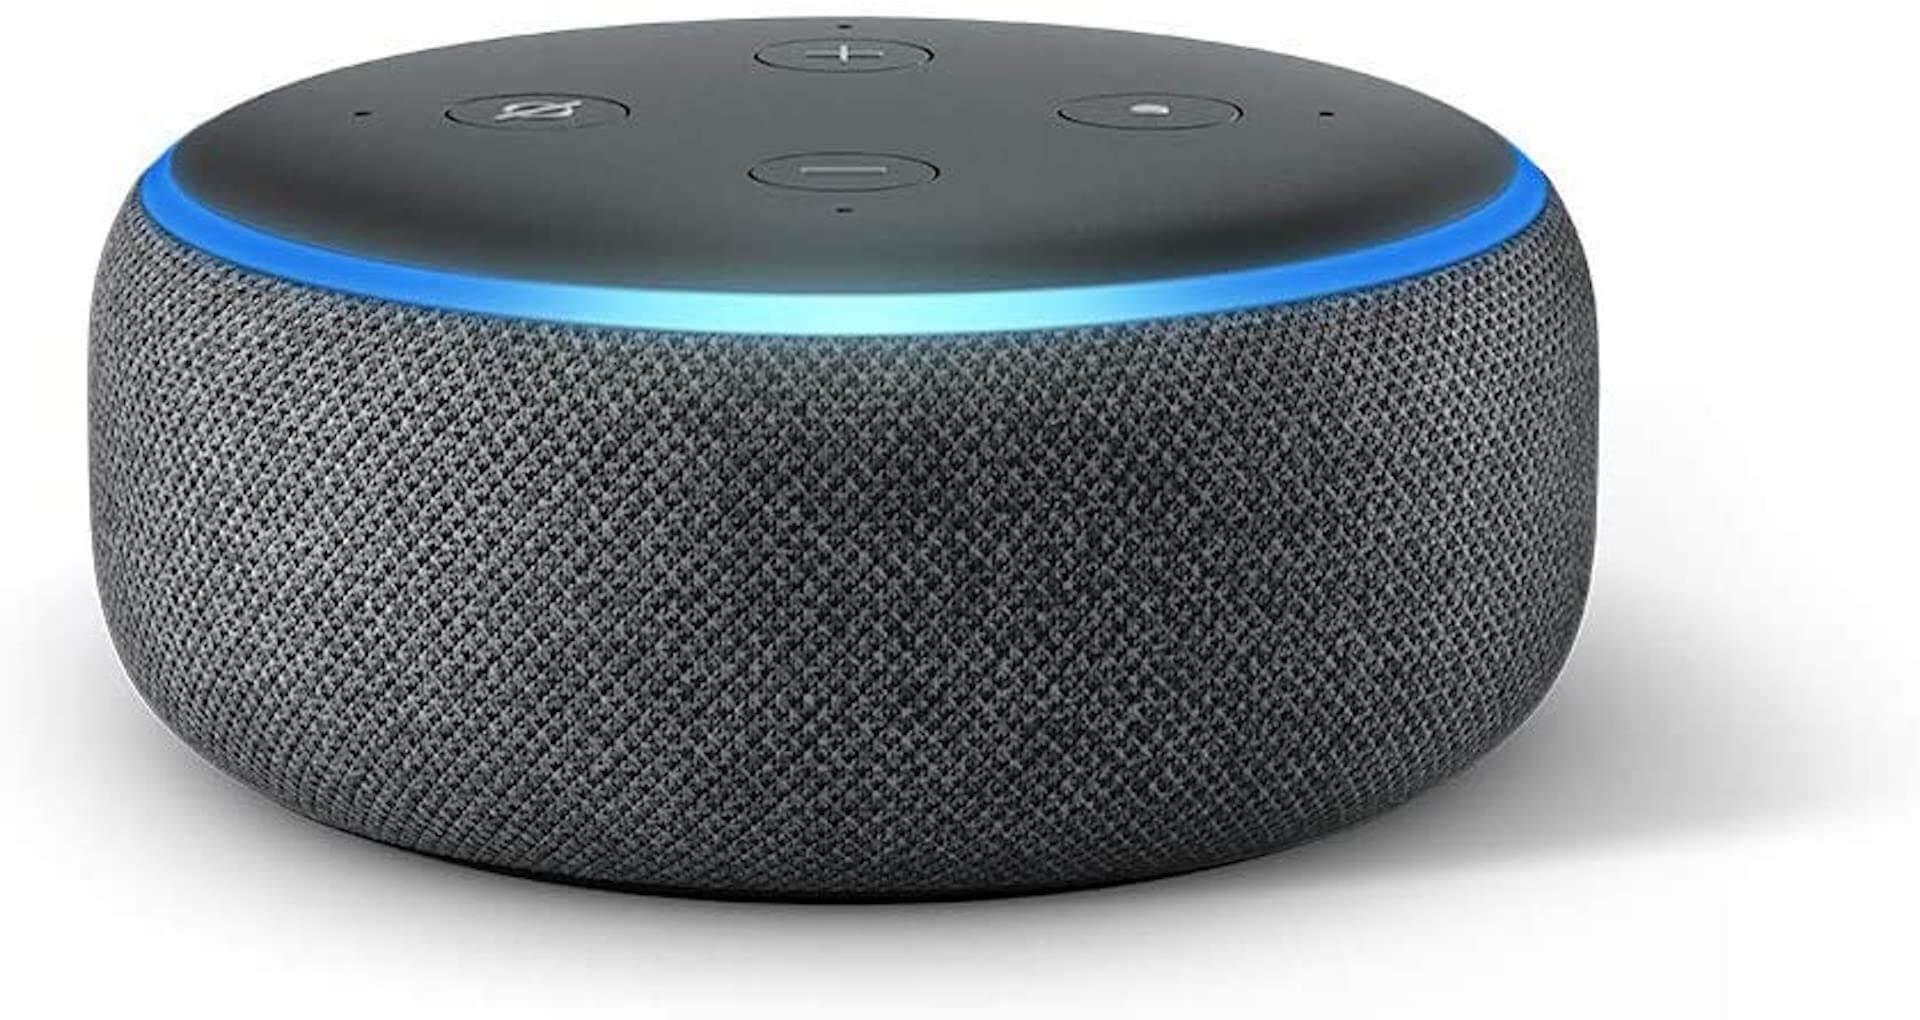 今年のAmazonプライムデーに登場するおすすめ製品第2弾が発表!Echo Dotやアレクサ対応のルンバなど続々登場 tech210614_amazonprimeday_14